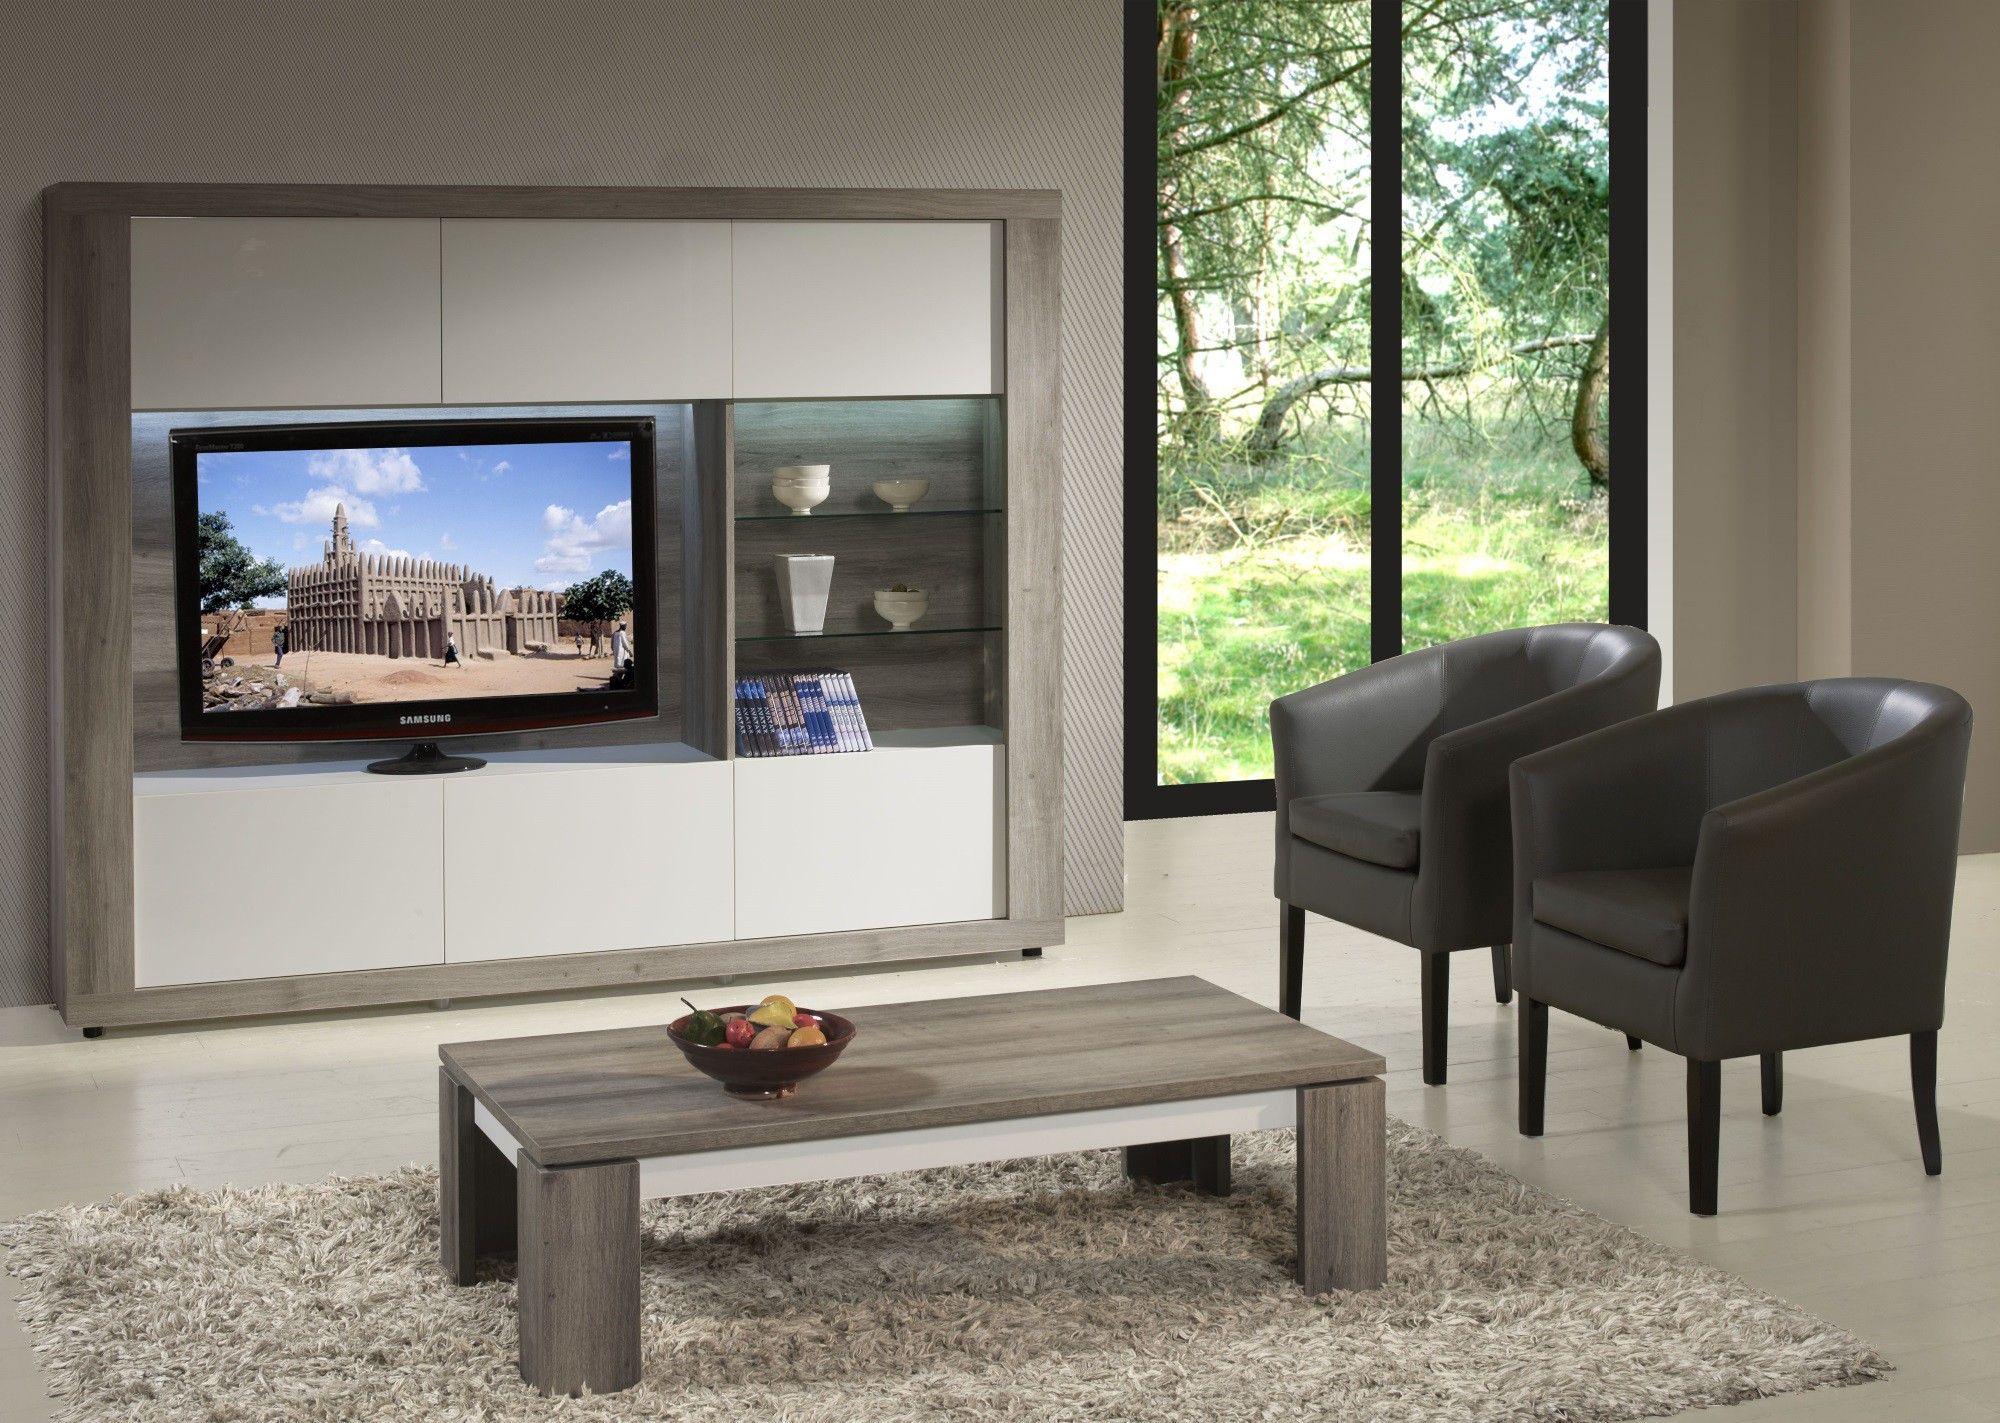 Meuble Tv Mural Contemporain Avec Clairage Coloris Mara Blanc  # Meuble Tv Mural Contemporain